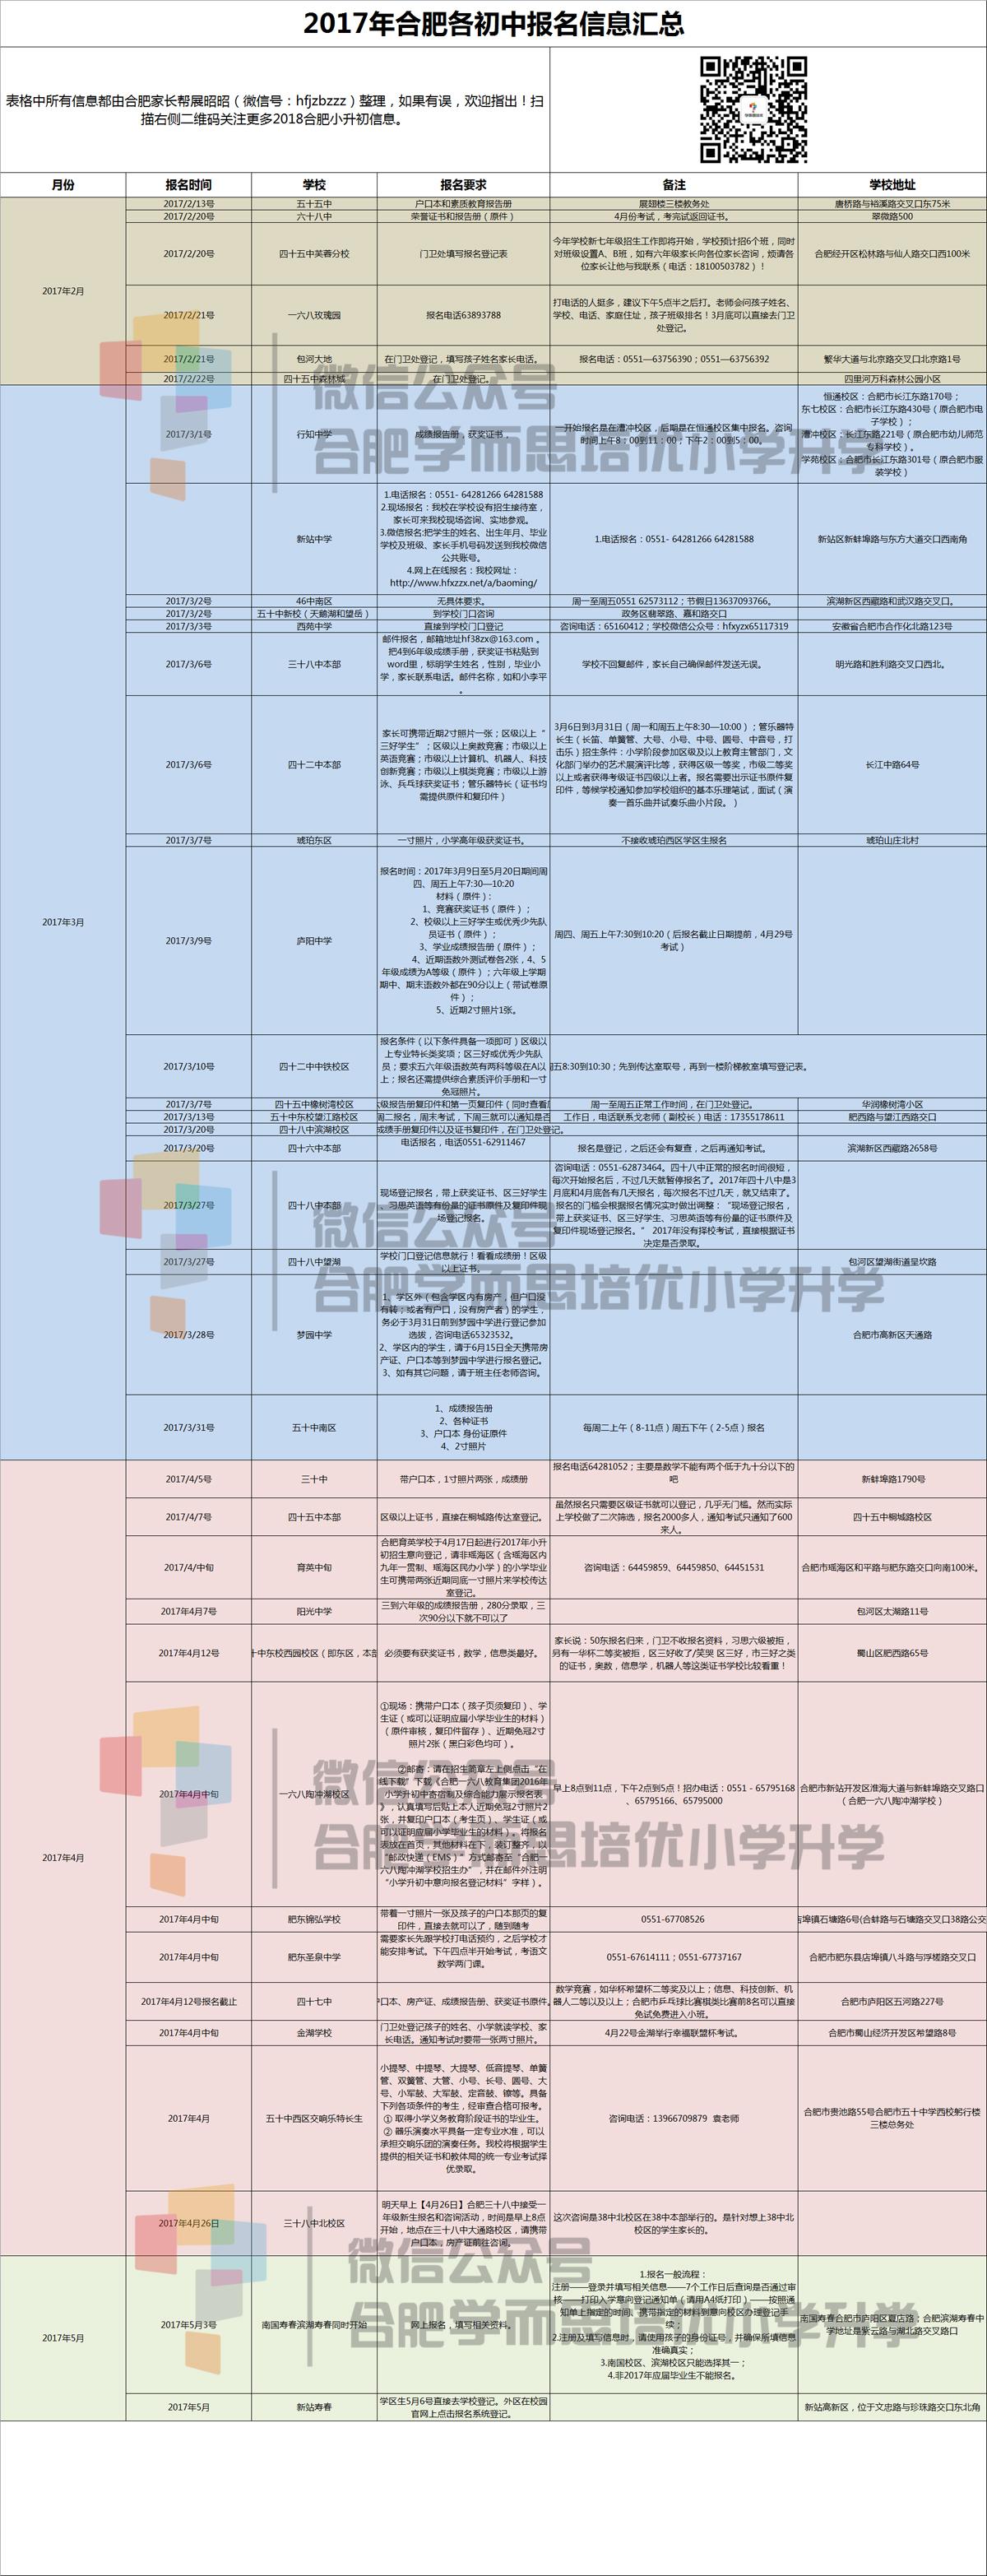 ★2018年合肥小升初各初中择校报名条件一览表